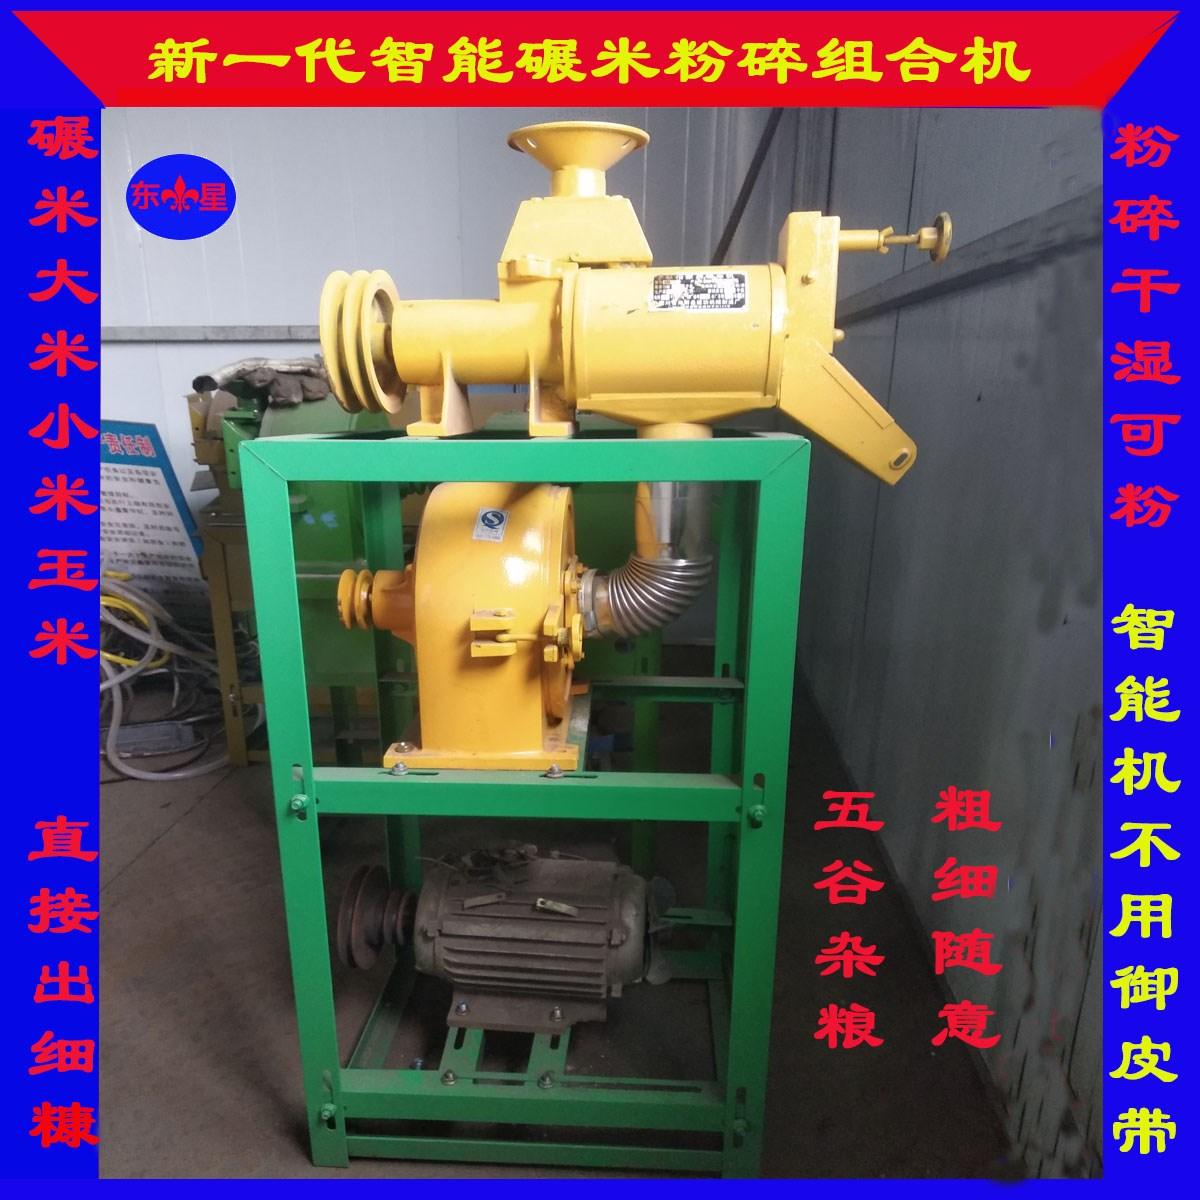 碾米机打米机剥谷机粉碎机磨粉机磨浆机精米机打小米机智能一体机